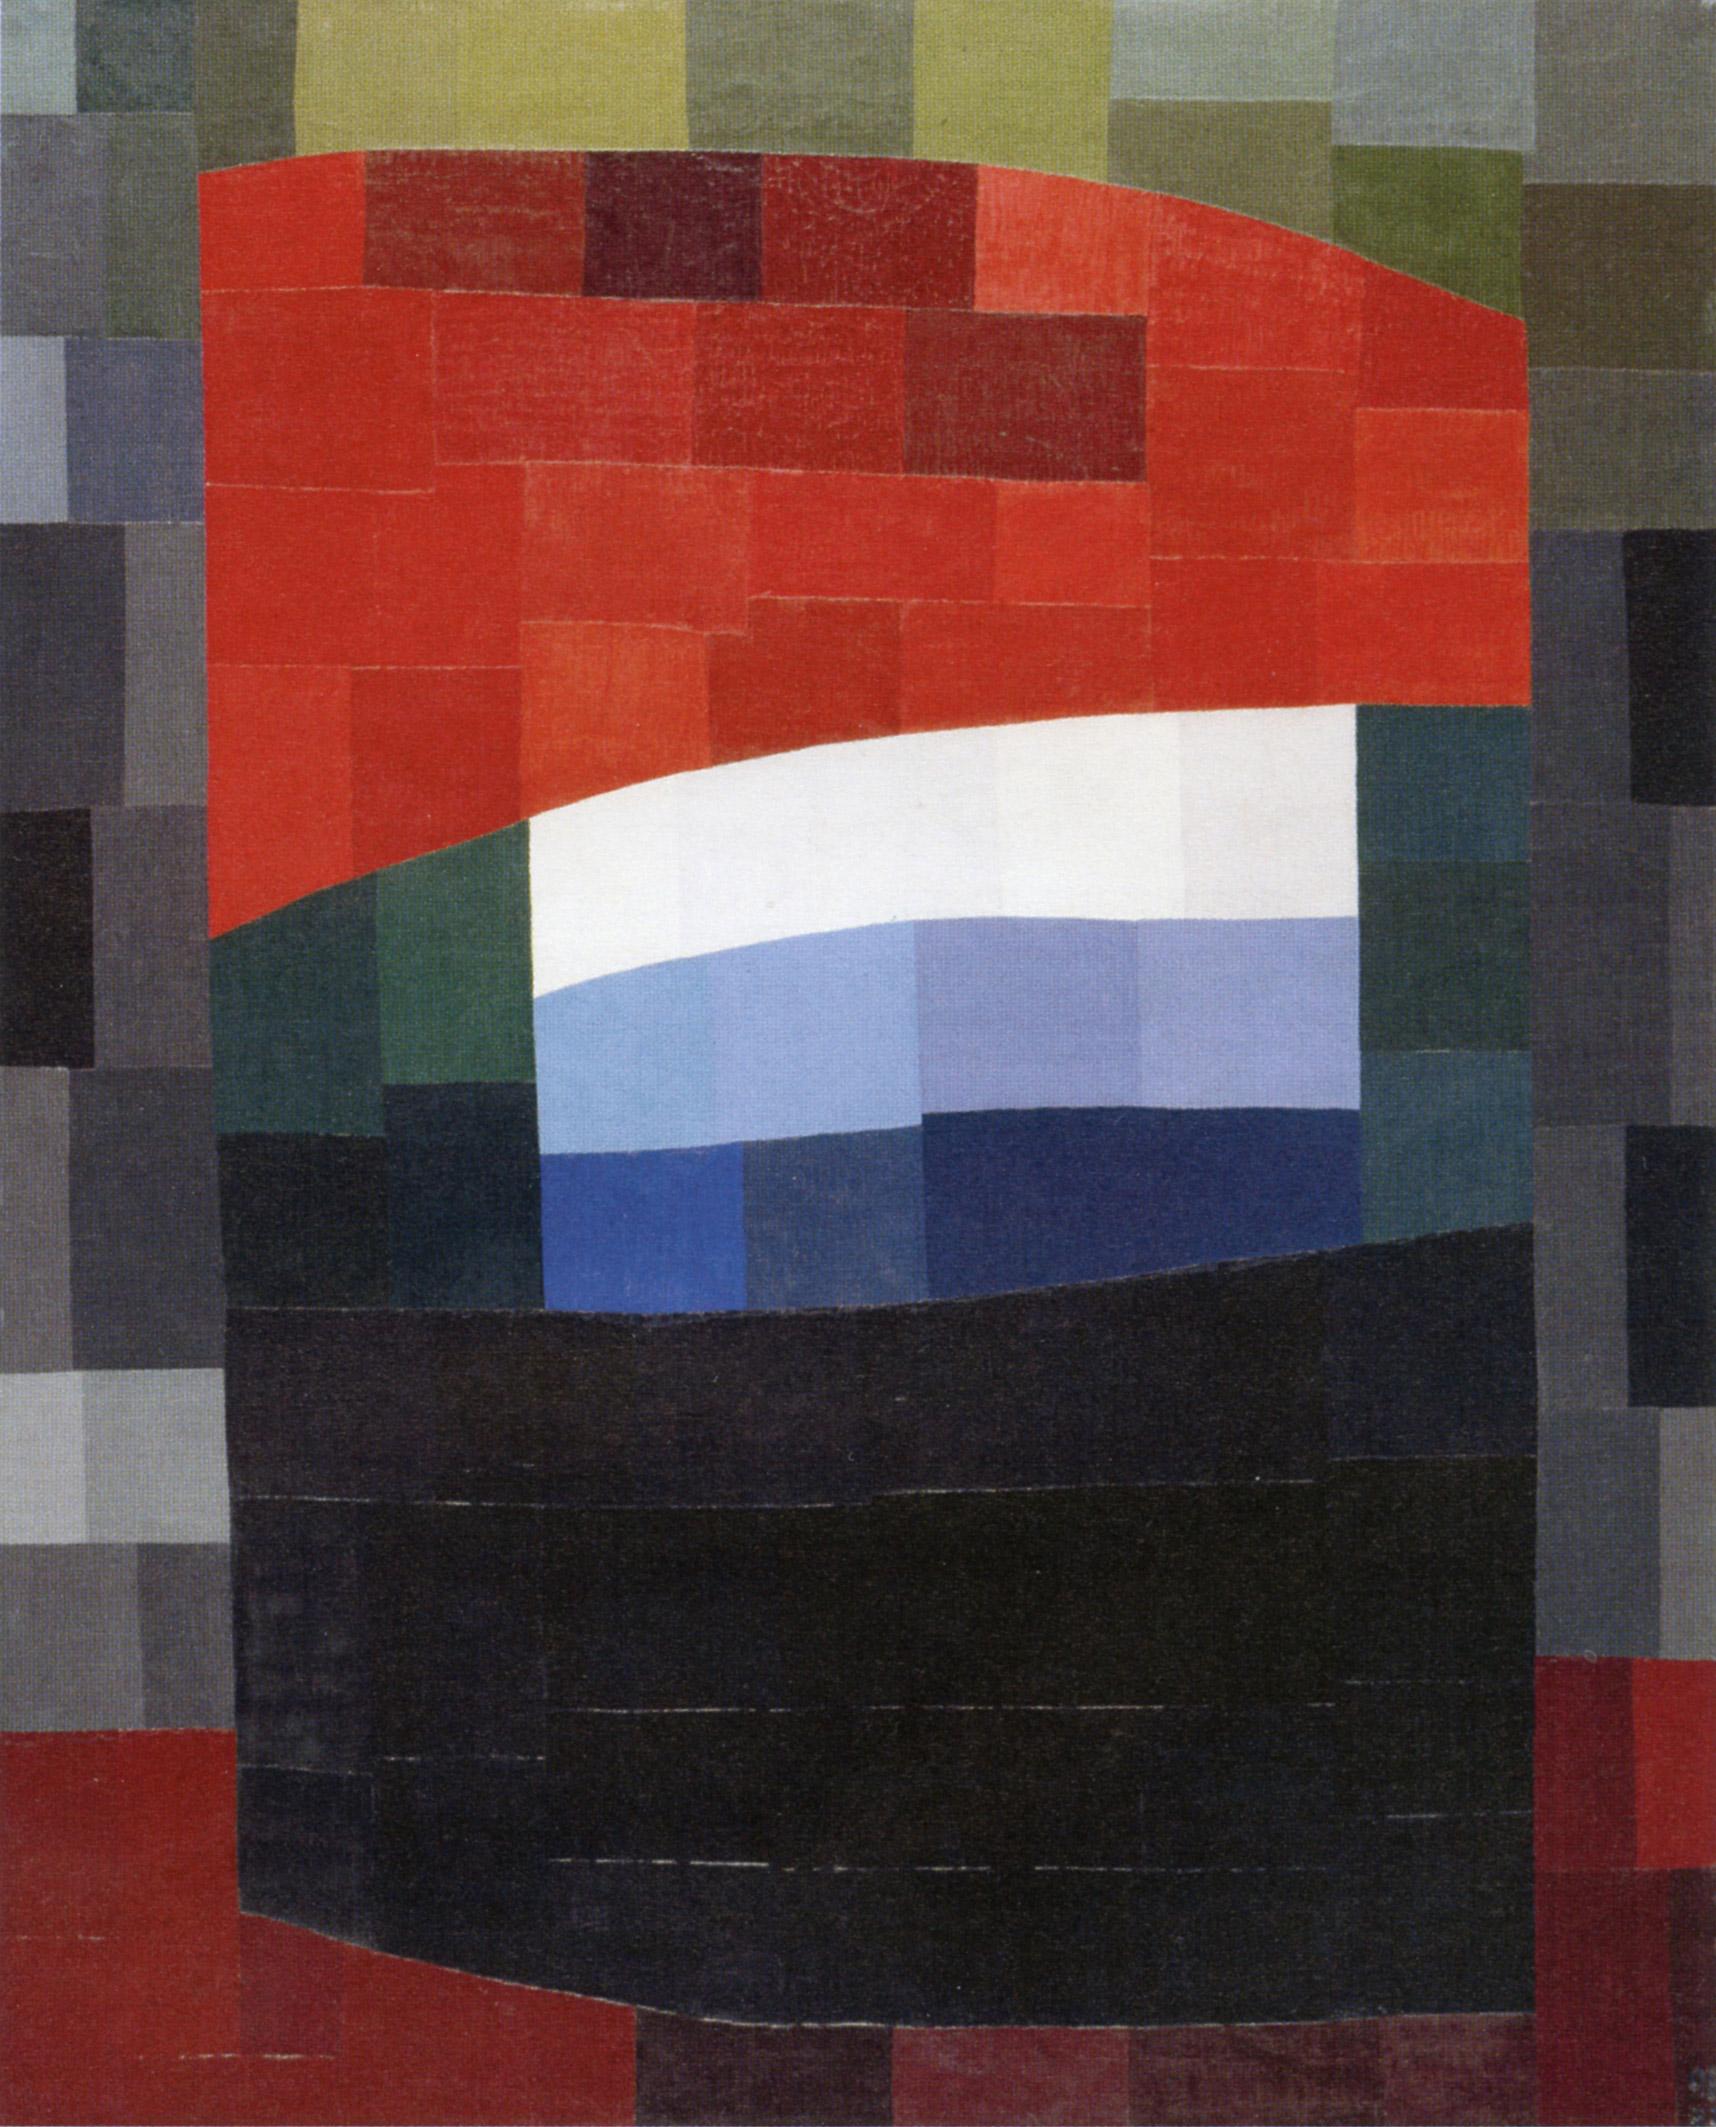 Otto Freundlich, Mein Himmel ist rot (1933; olio su tela, 162 x 130,5 cm; Parigi, Musée d'Art Moderne, Centre Georges Pompidou)